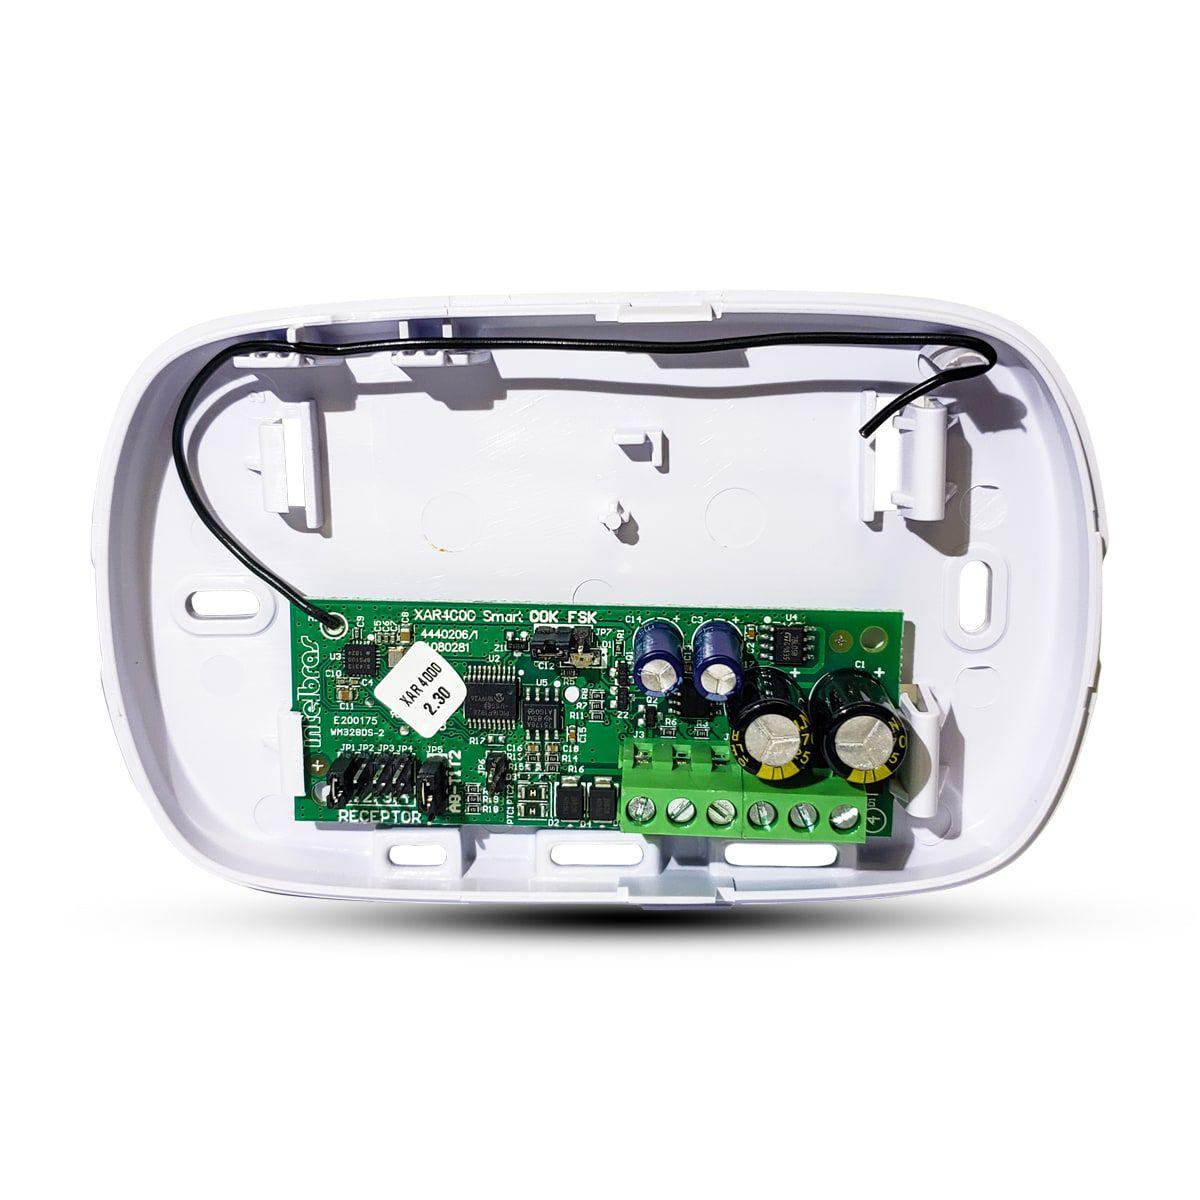 Receptor Intelbras para Centrais de Alarme Intelbras AMT - XAR 4000 Smart  - CFTV Clube | Brasil